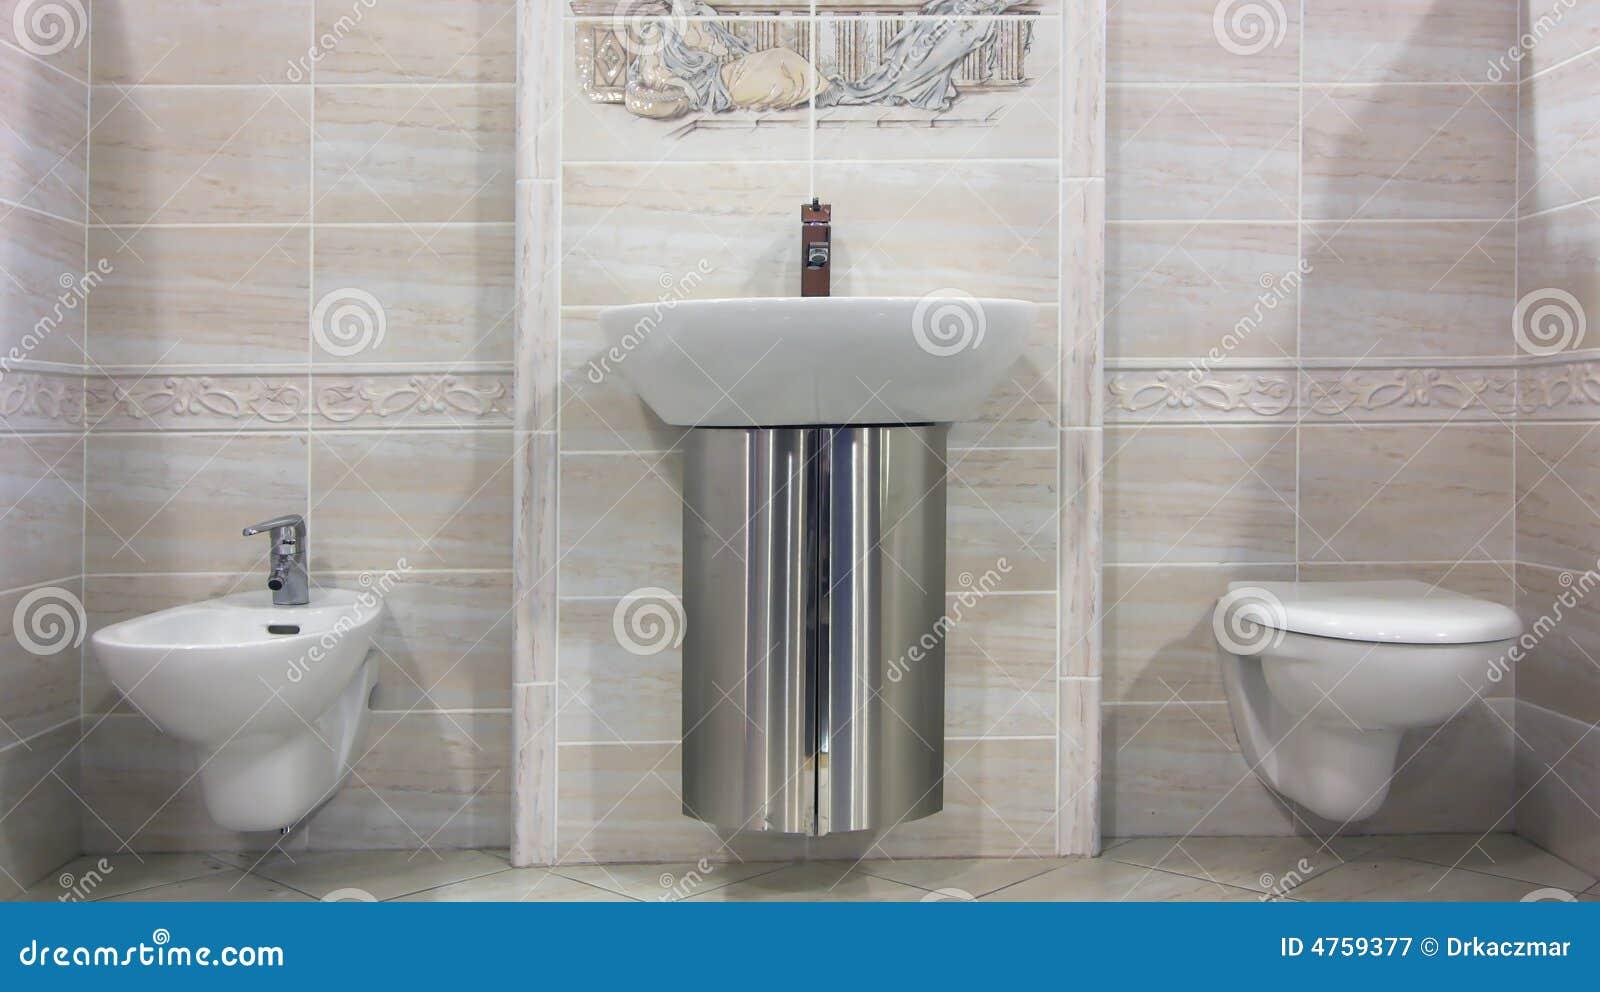 Modernes beige Badezimmer stockbild. Bild von architektur - 4759377